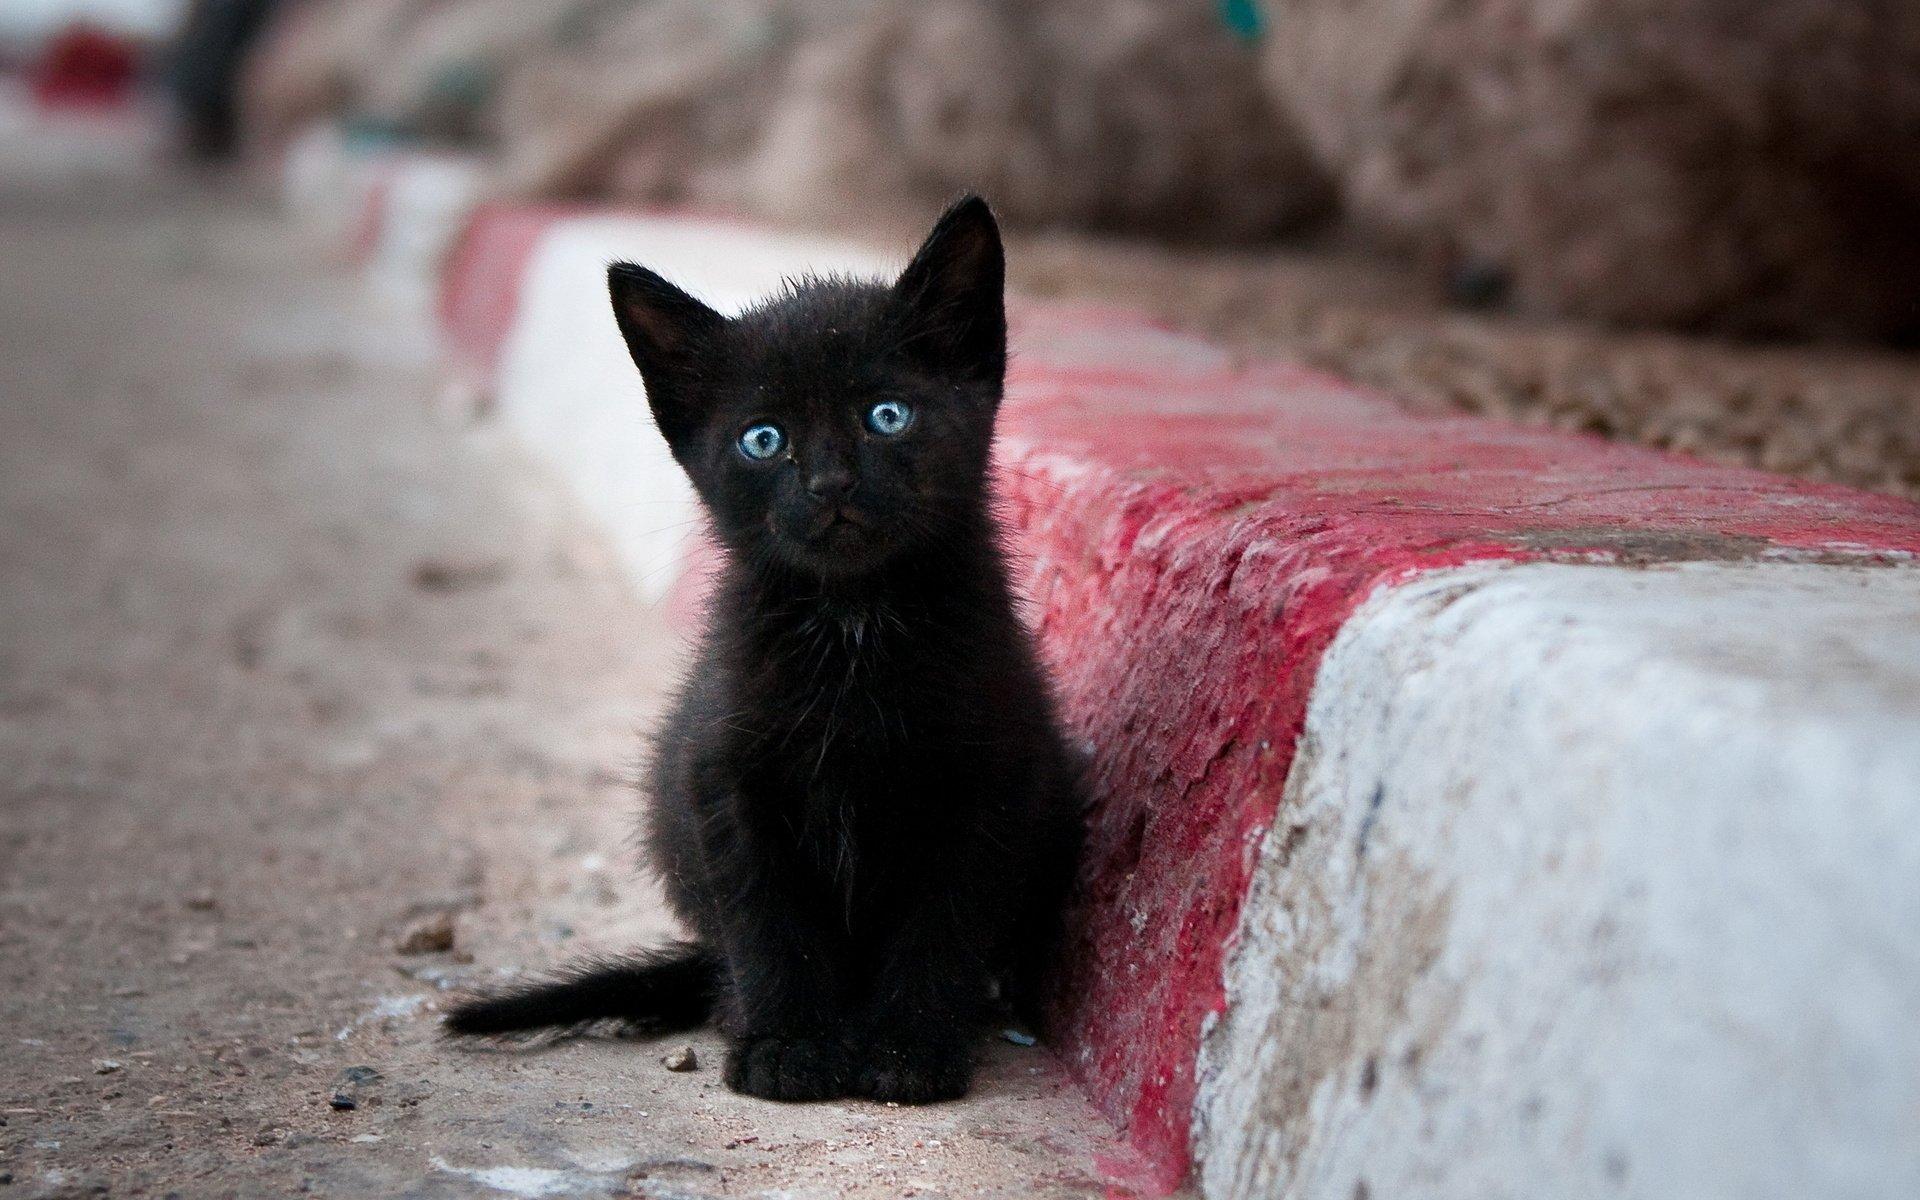 动物 - 猫  Kitten 可爱 Pet 壁纸